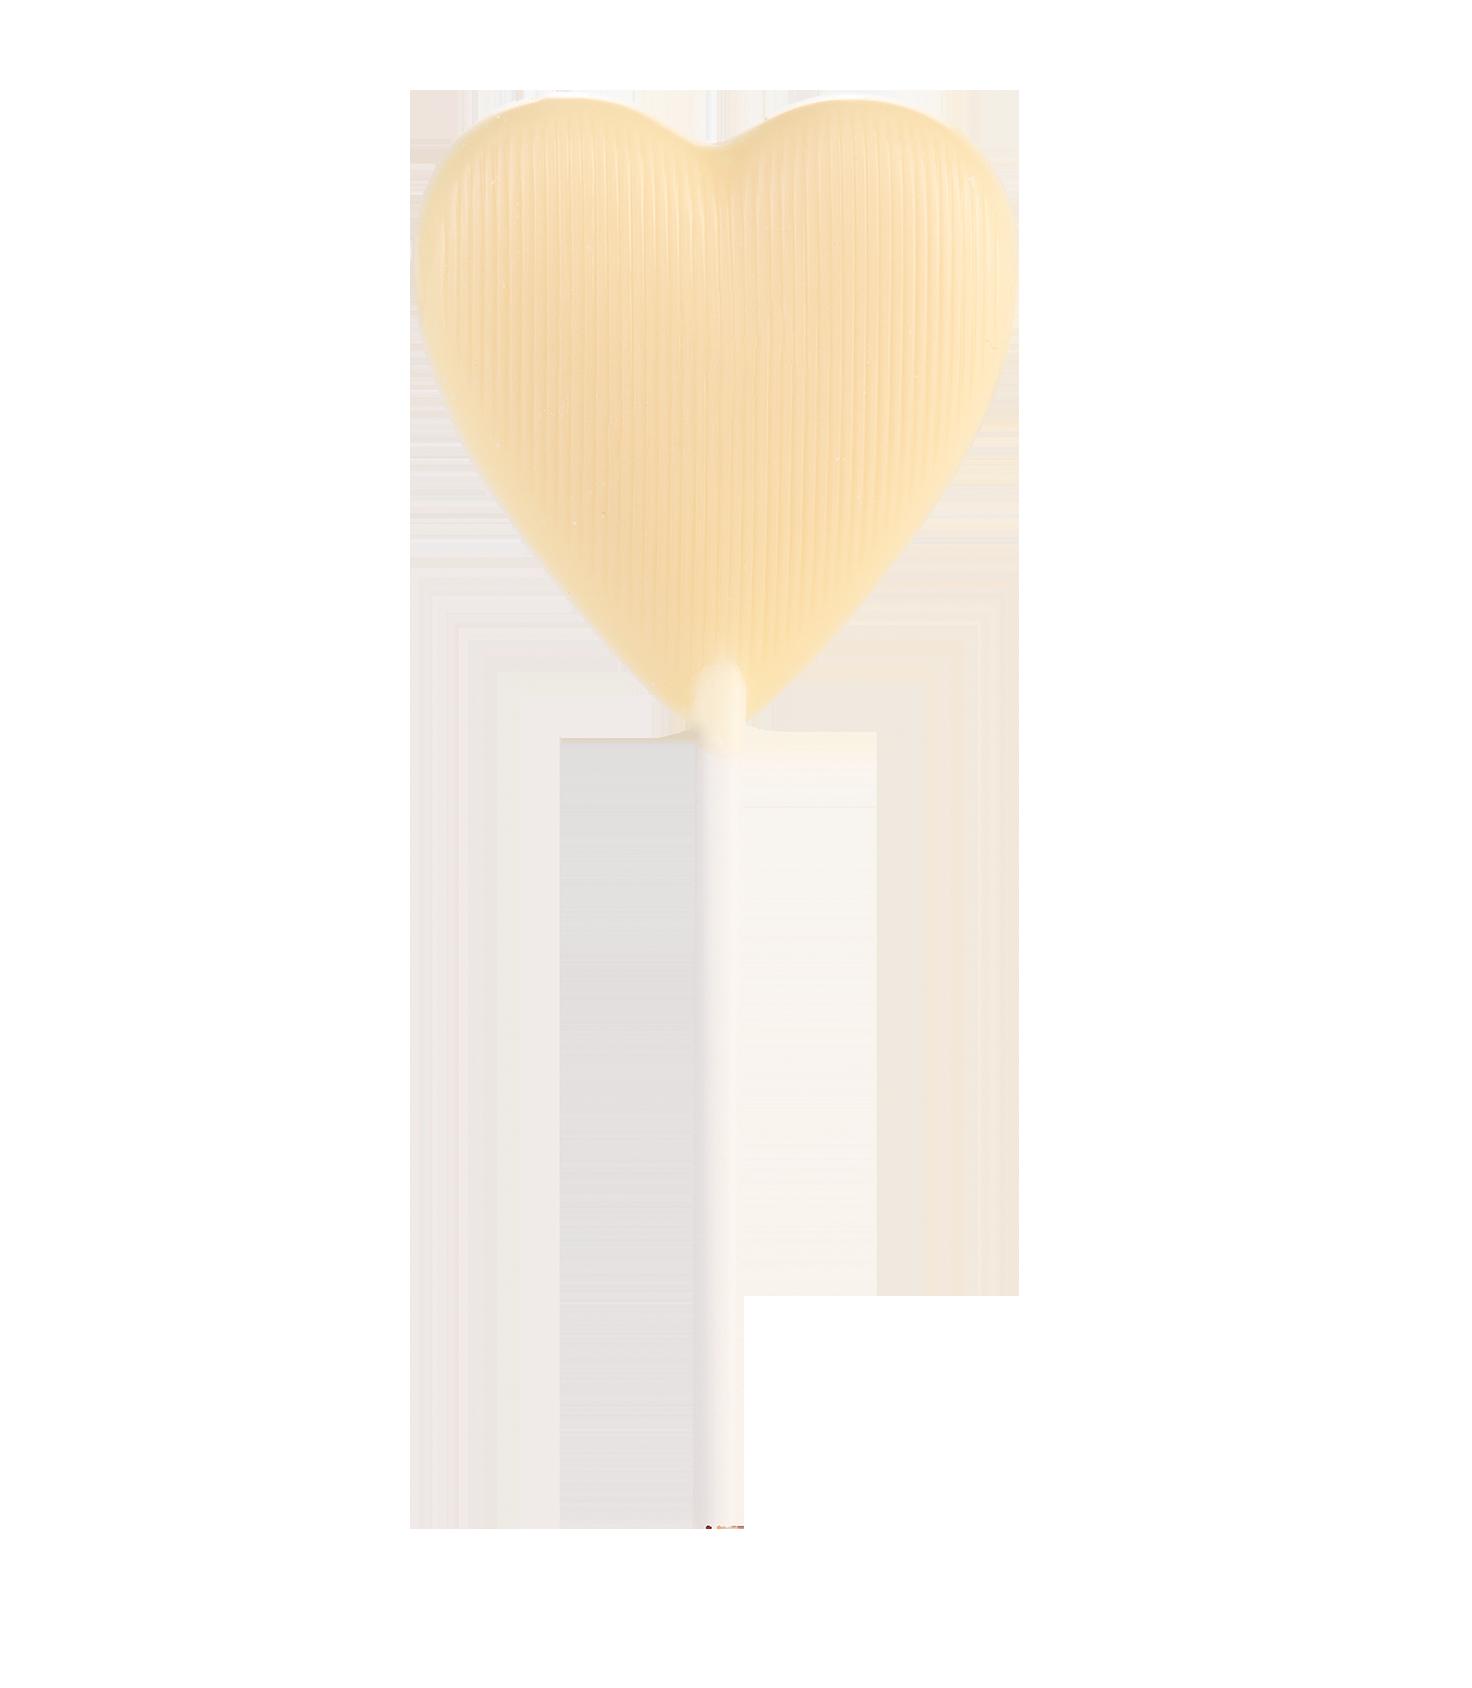 Шоколадна фігурка на паличці Серце  14 г